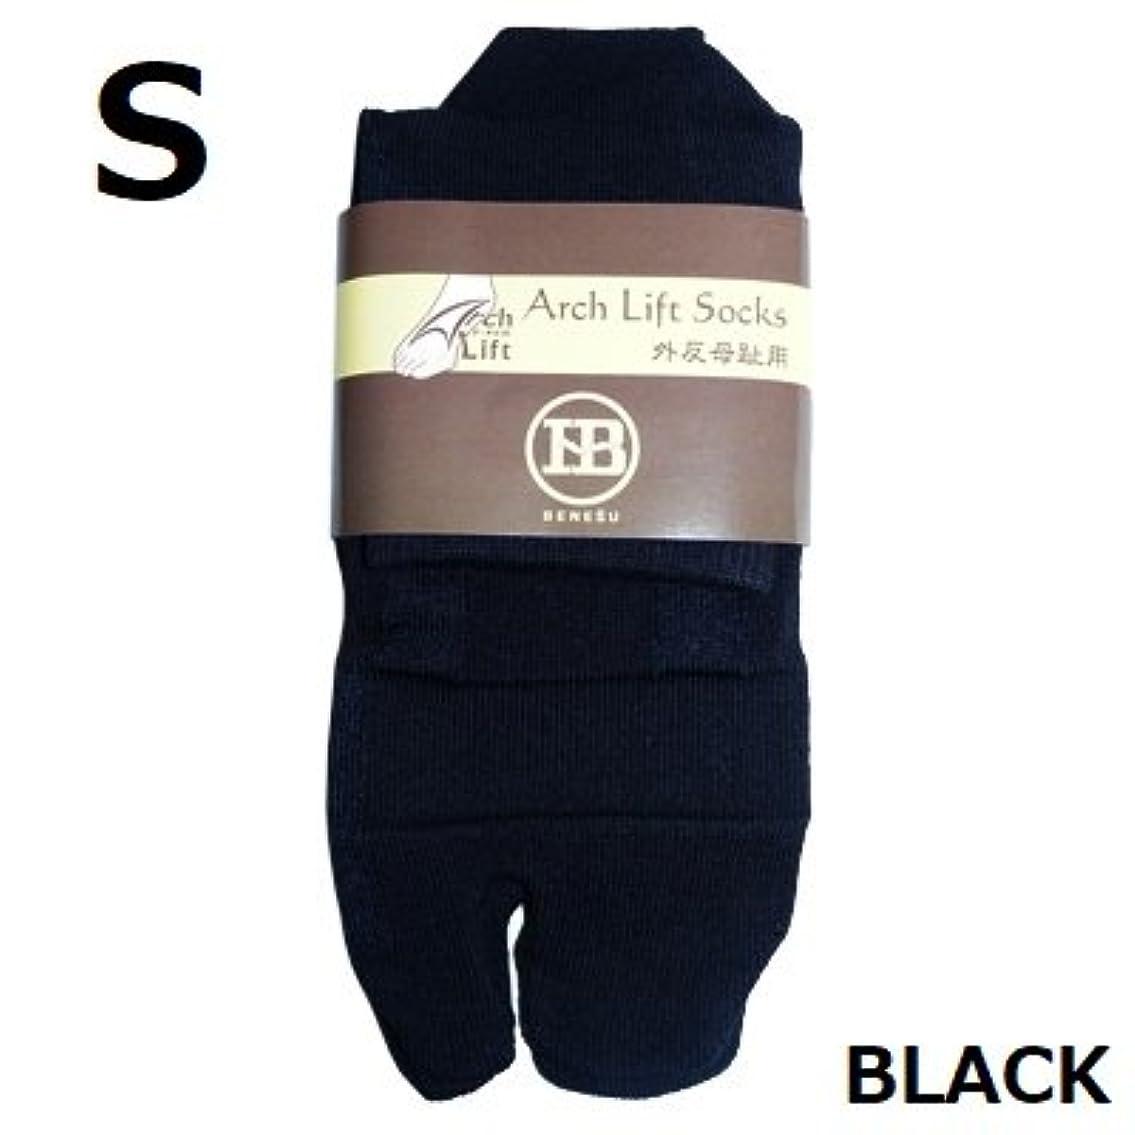 ペナルティできたペナルティアーチライフソックス 外反母趾 テーピング加工靴下 サポーター(カラー:黒色)(サイズ:S)